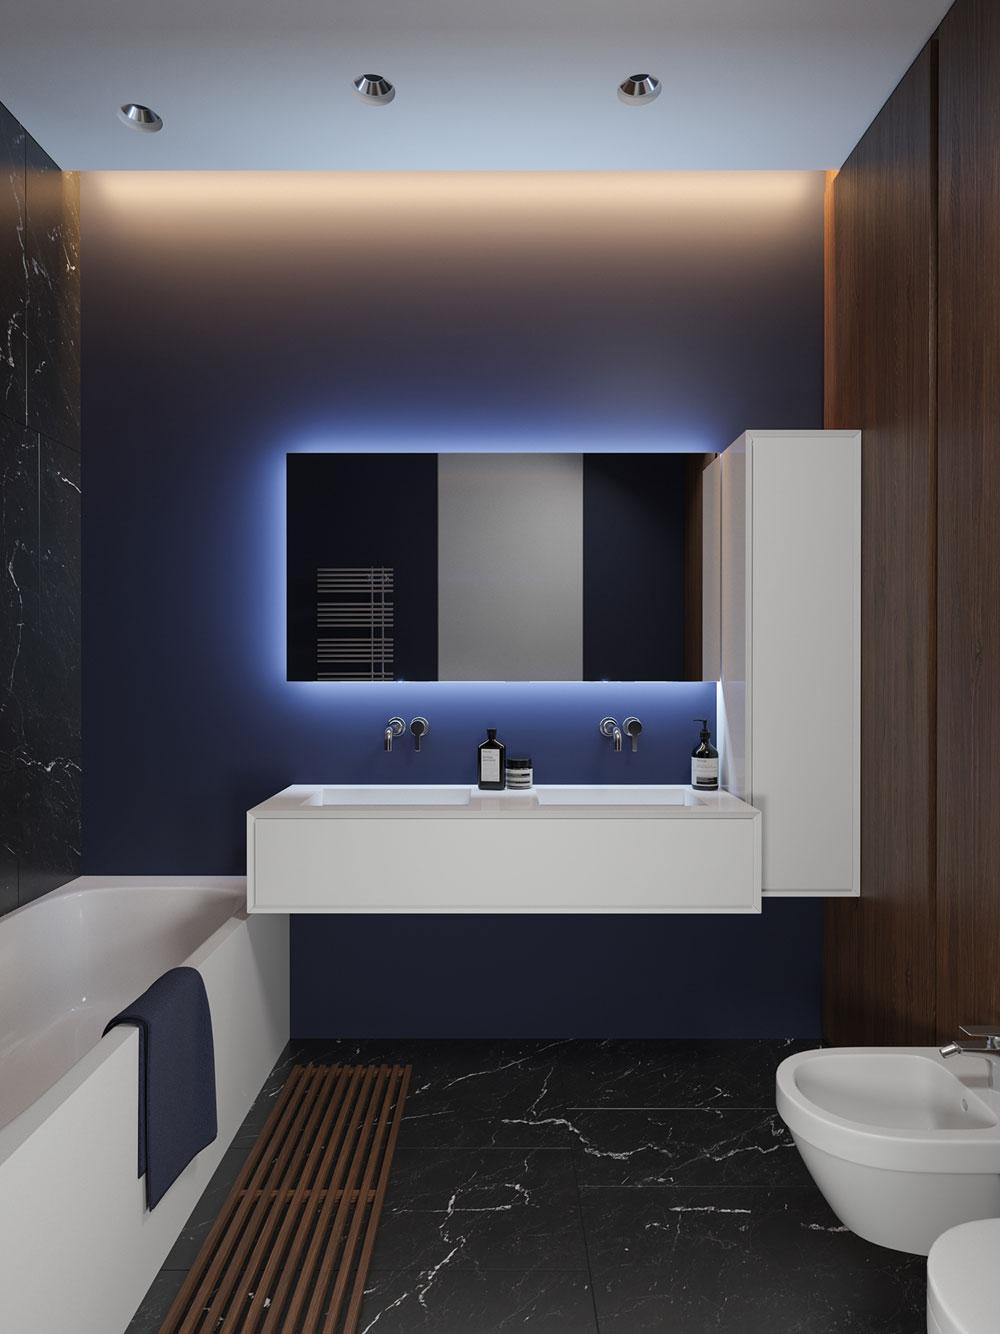 thiết kế nội thất chung cư cao cấp ảnh 9